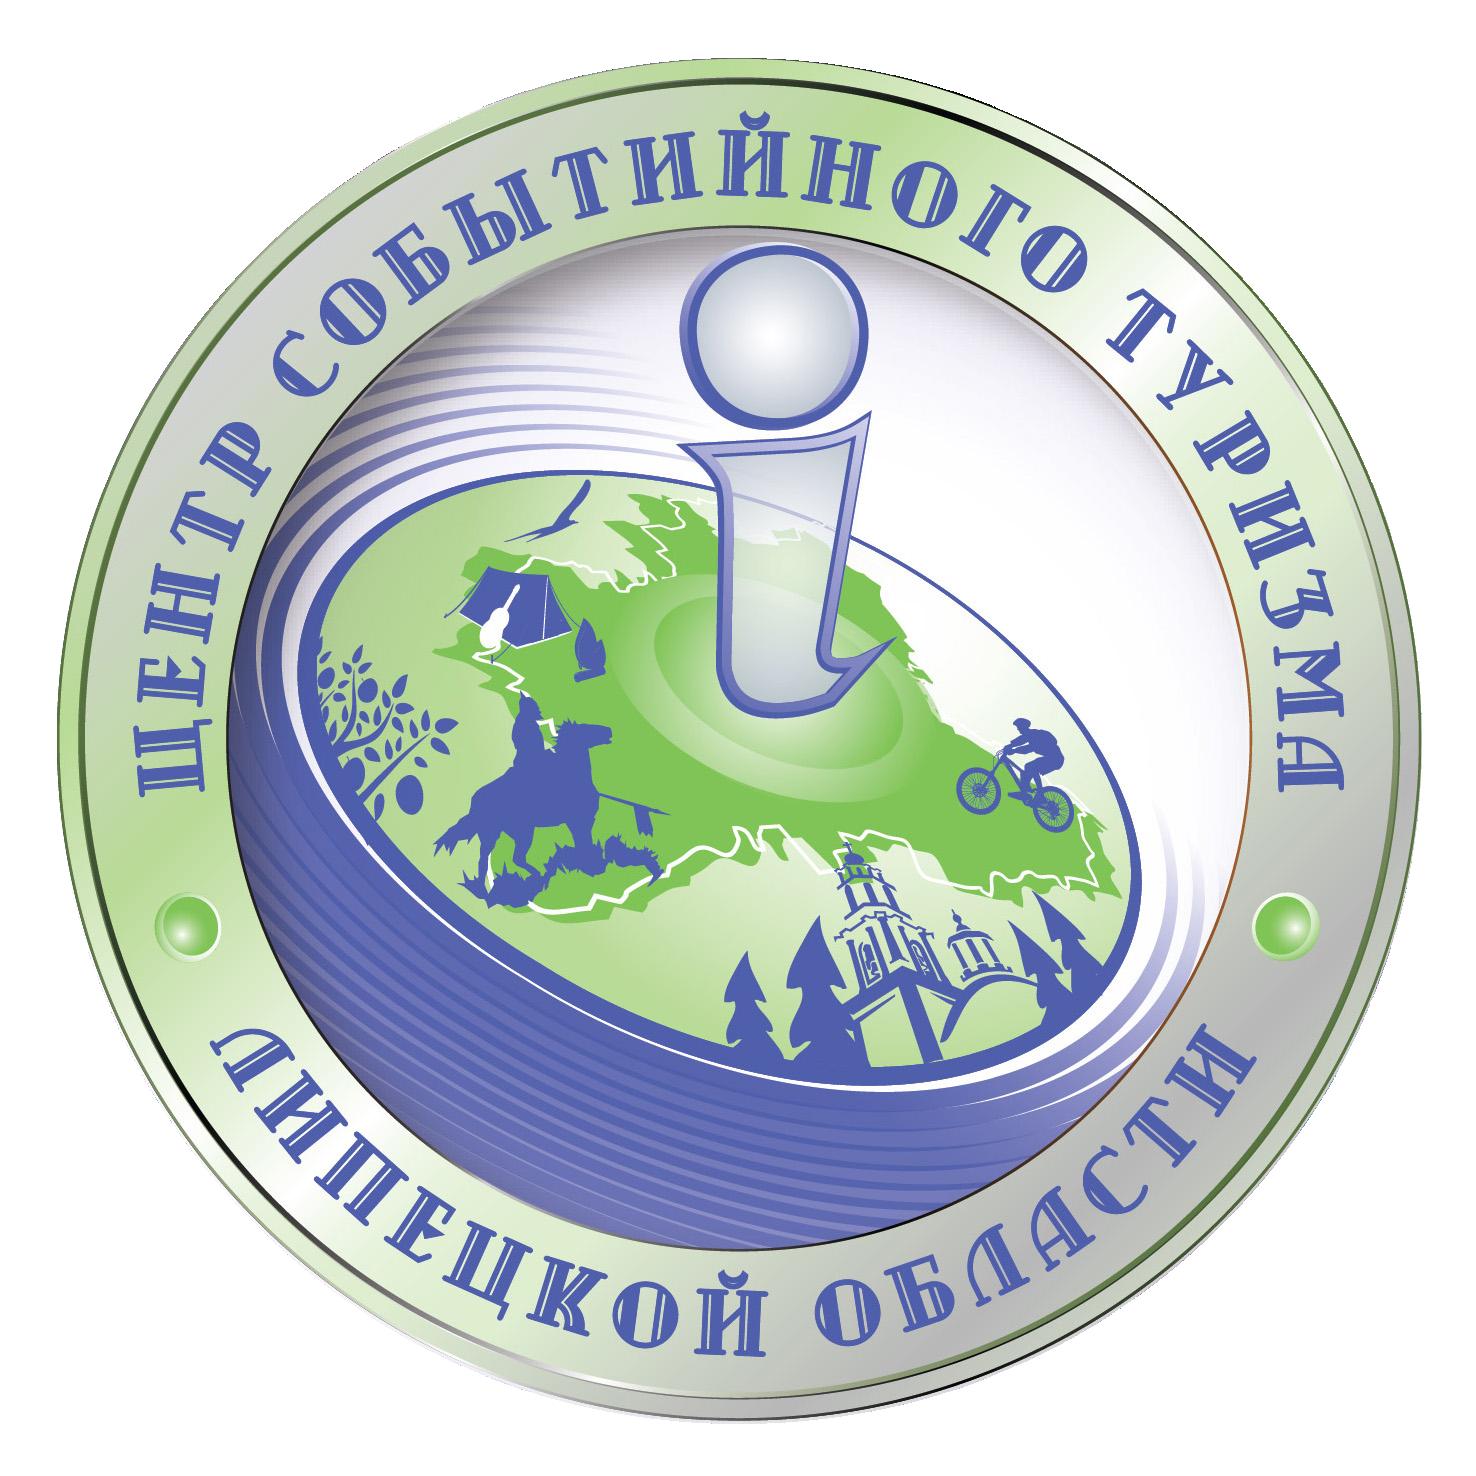 Областной Центр событийного туризма